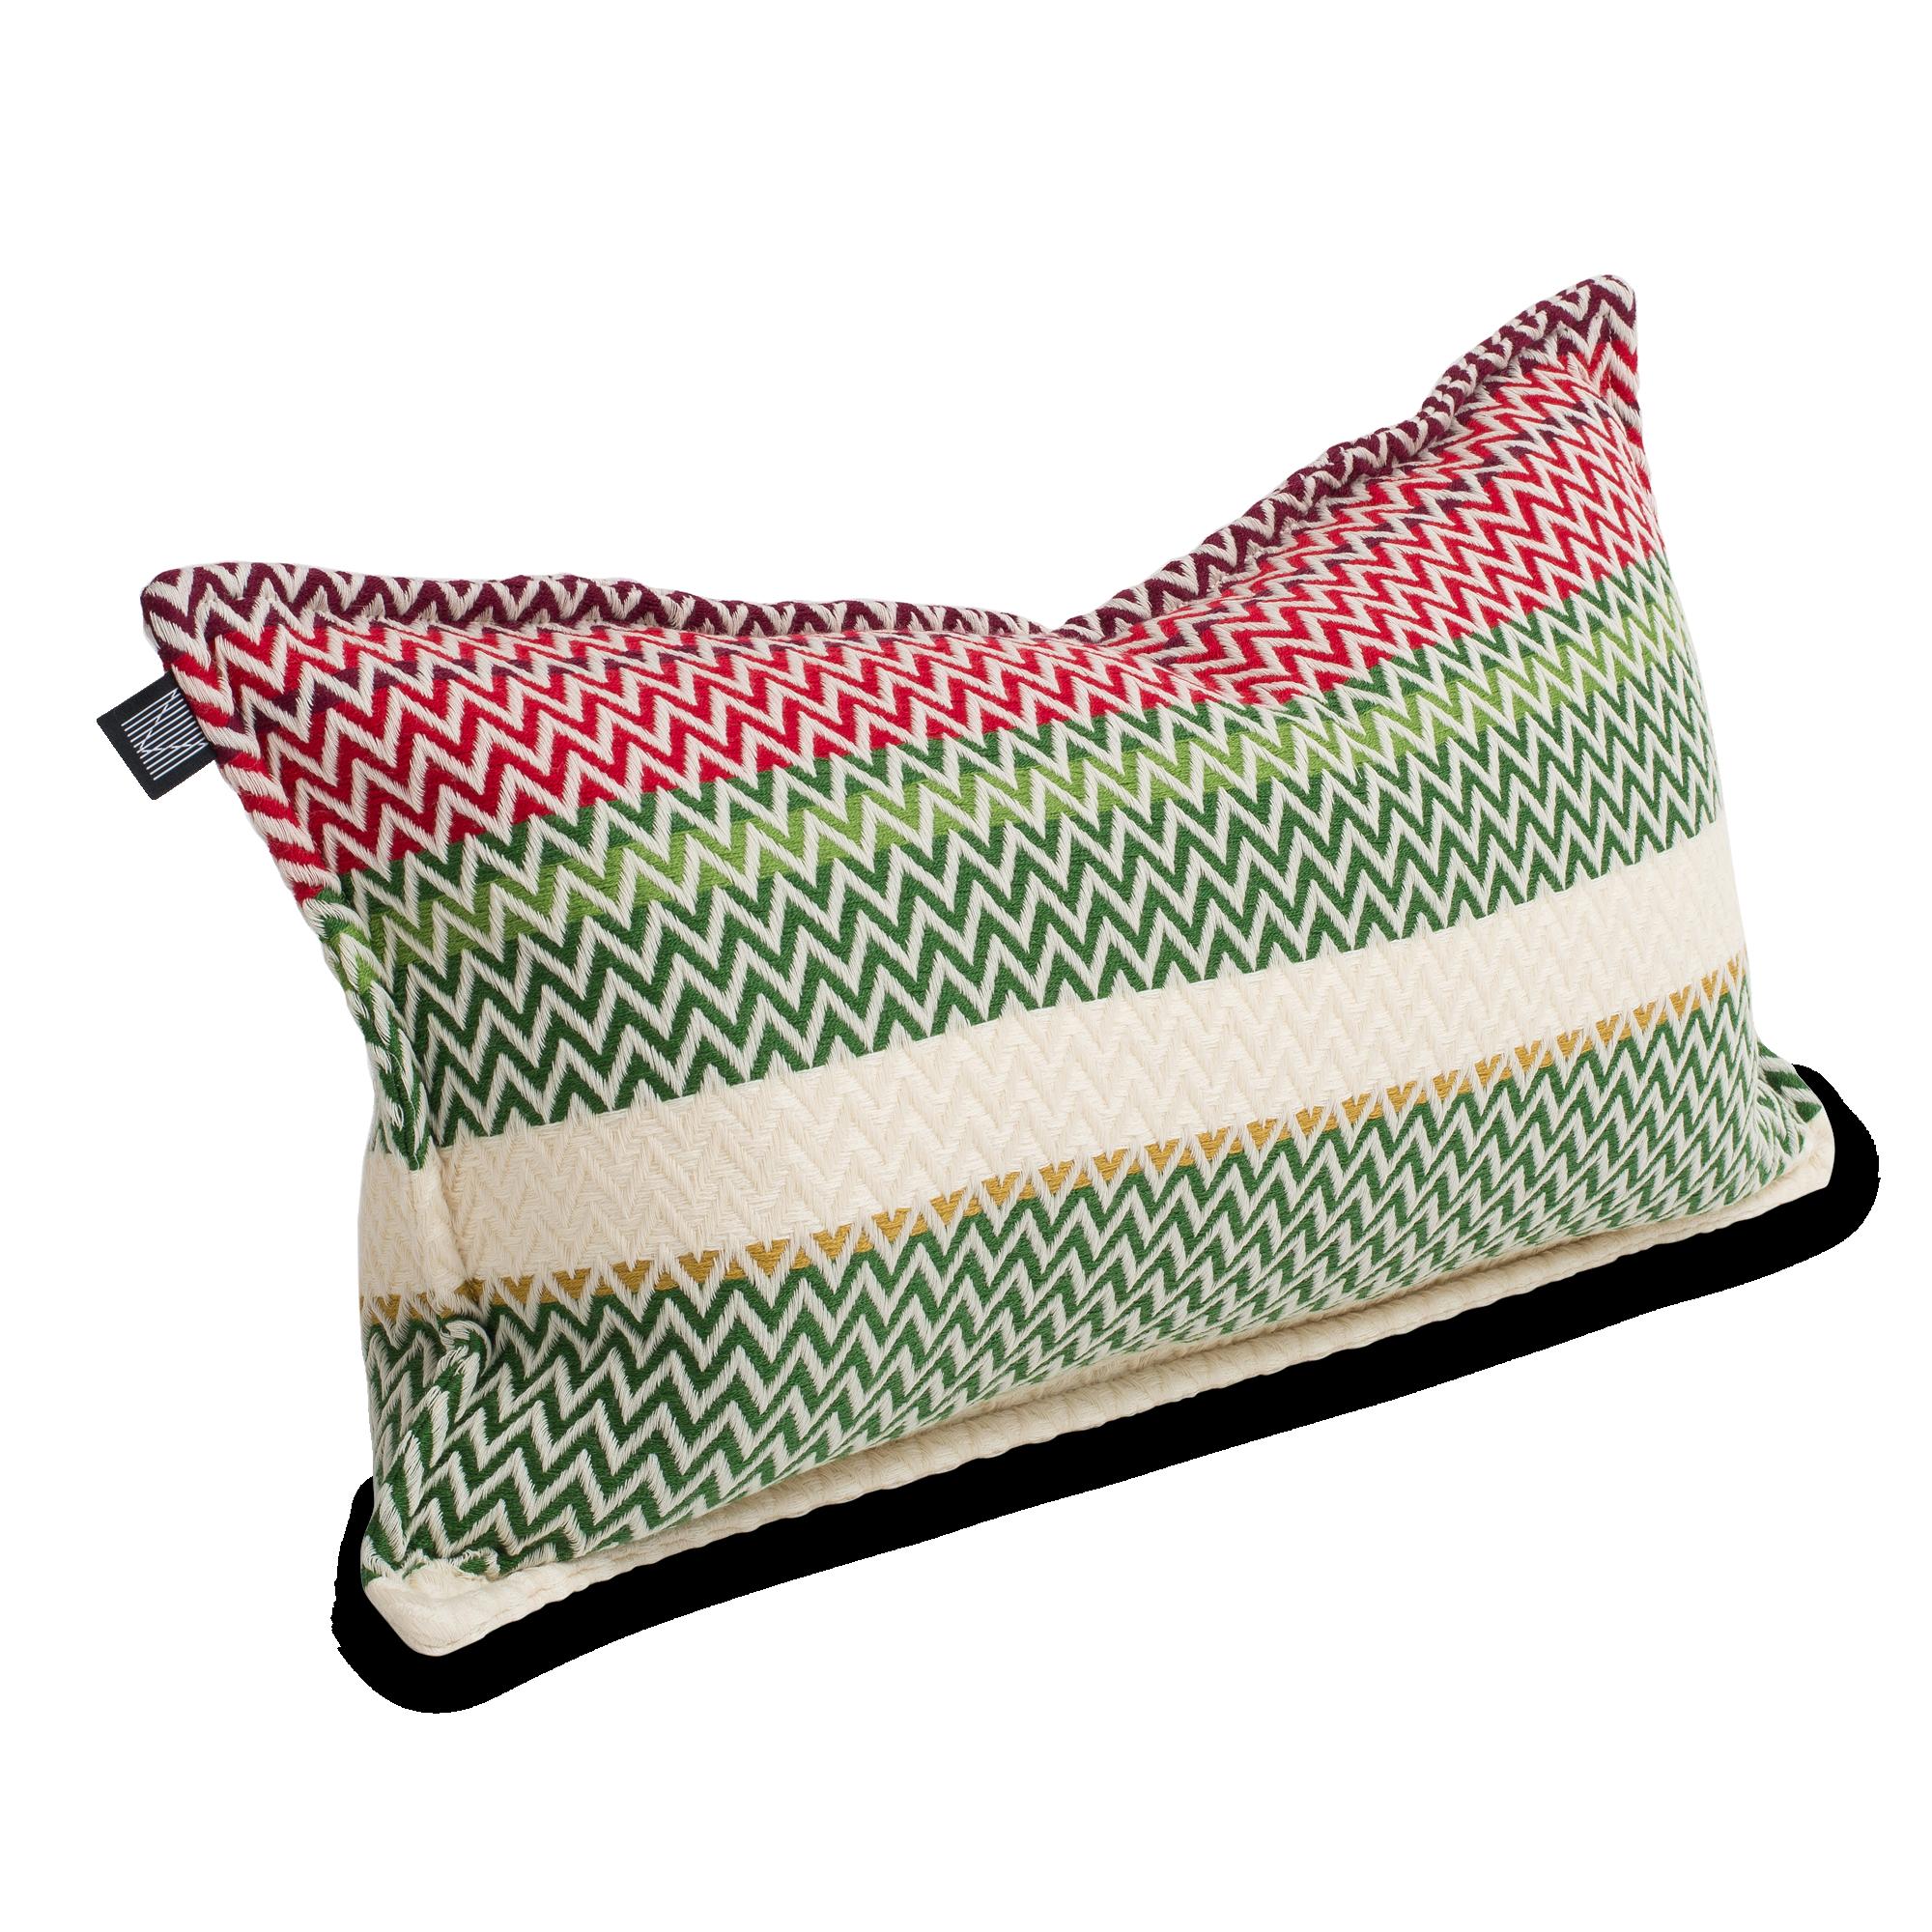 bunad-pillow-fusa-fram-oslo-1